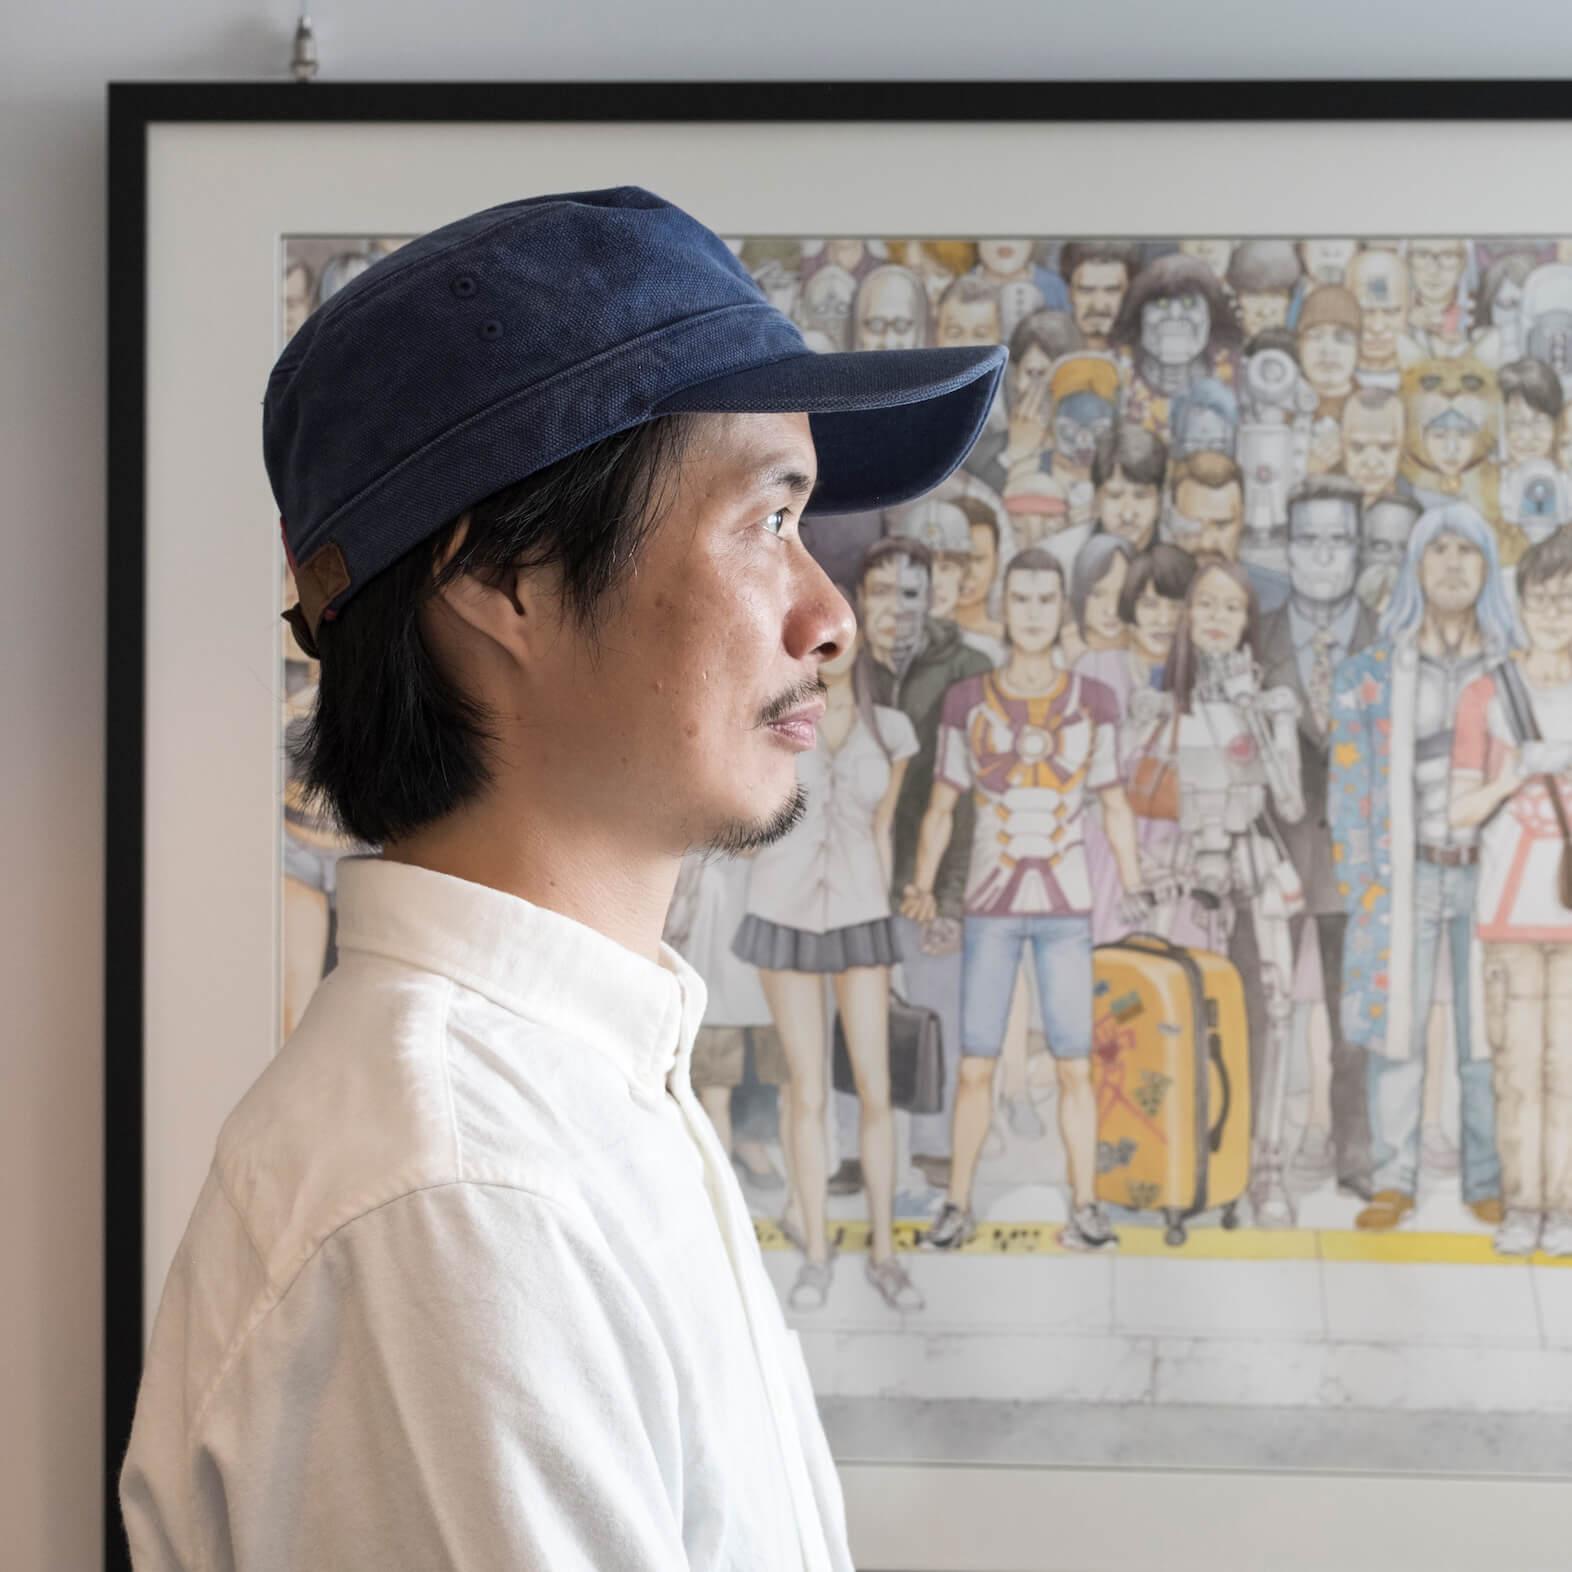 謝森龍異曾推出多部以喪屍為題材的漫畫作品,包括《不是人間》及《香港感染》。